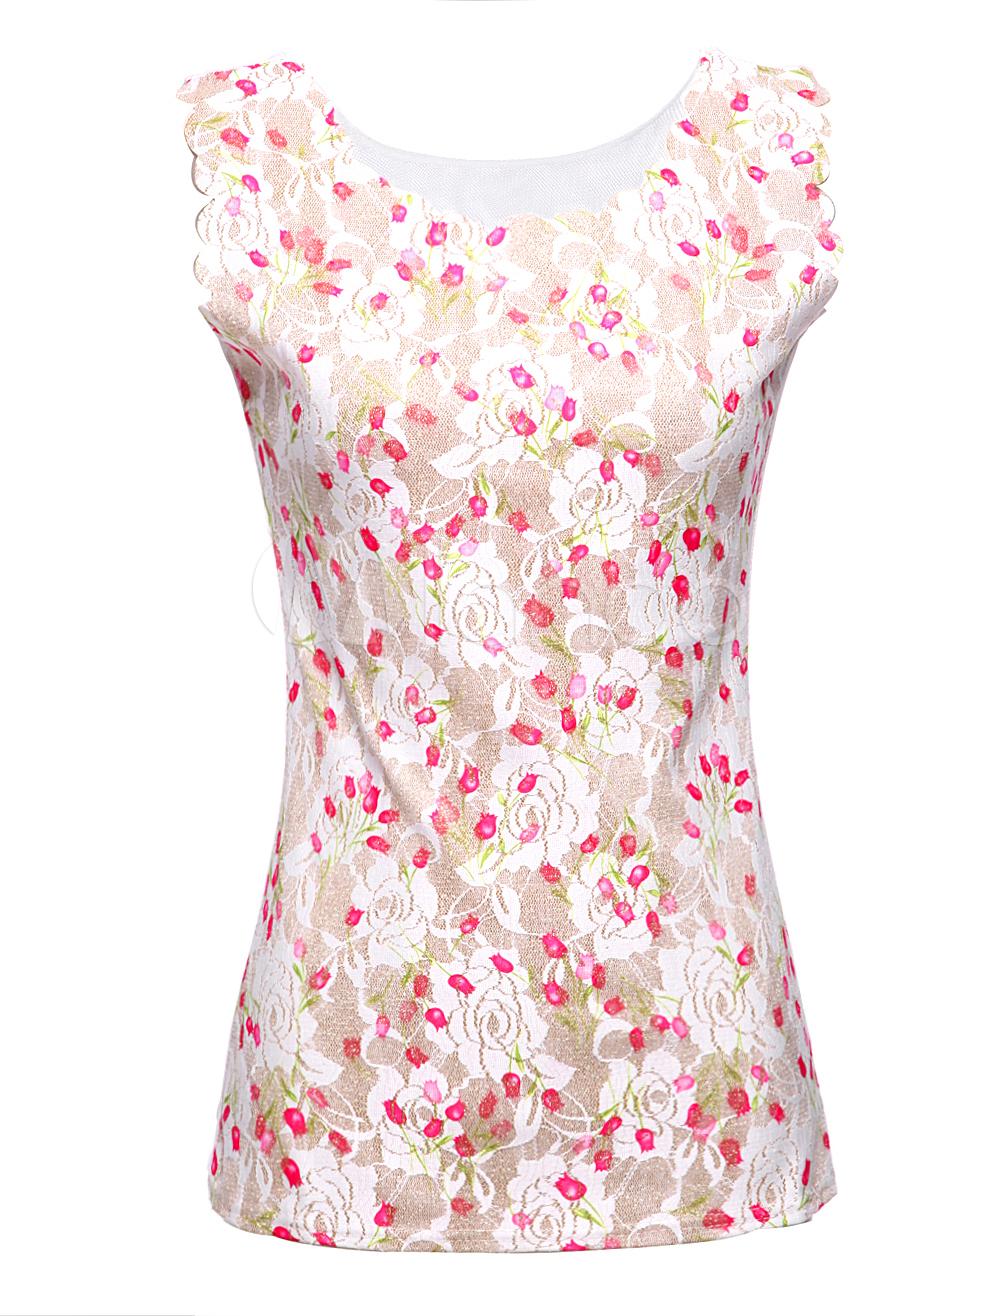 t-shirt femme en polyester multicolore imprimé fleuri rouge sans